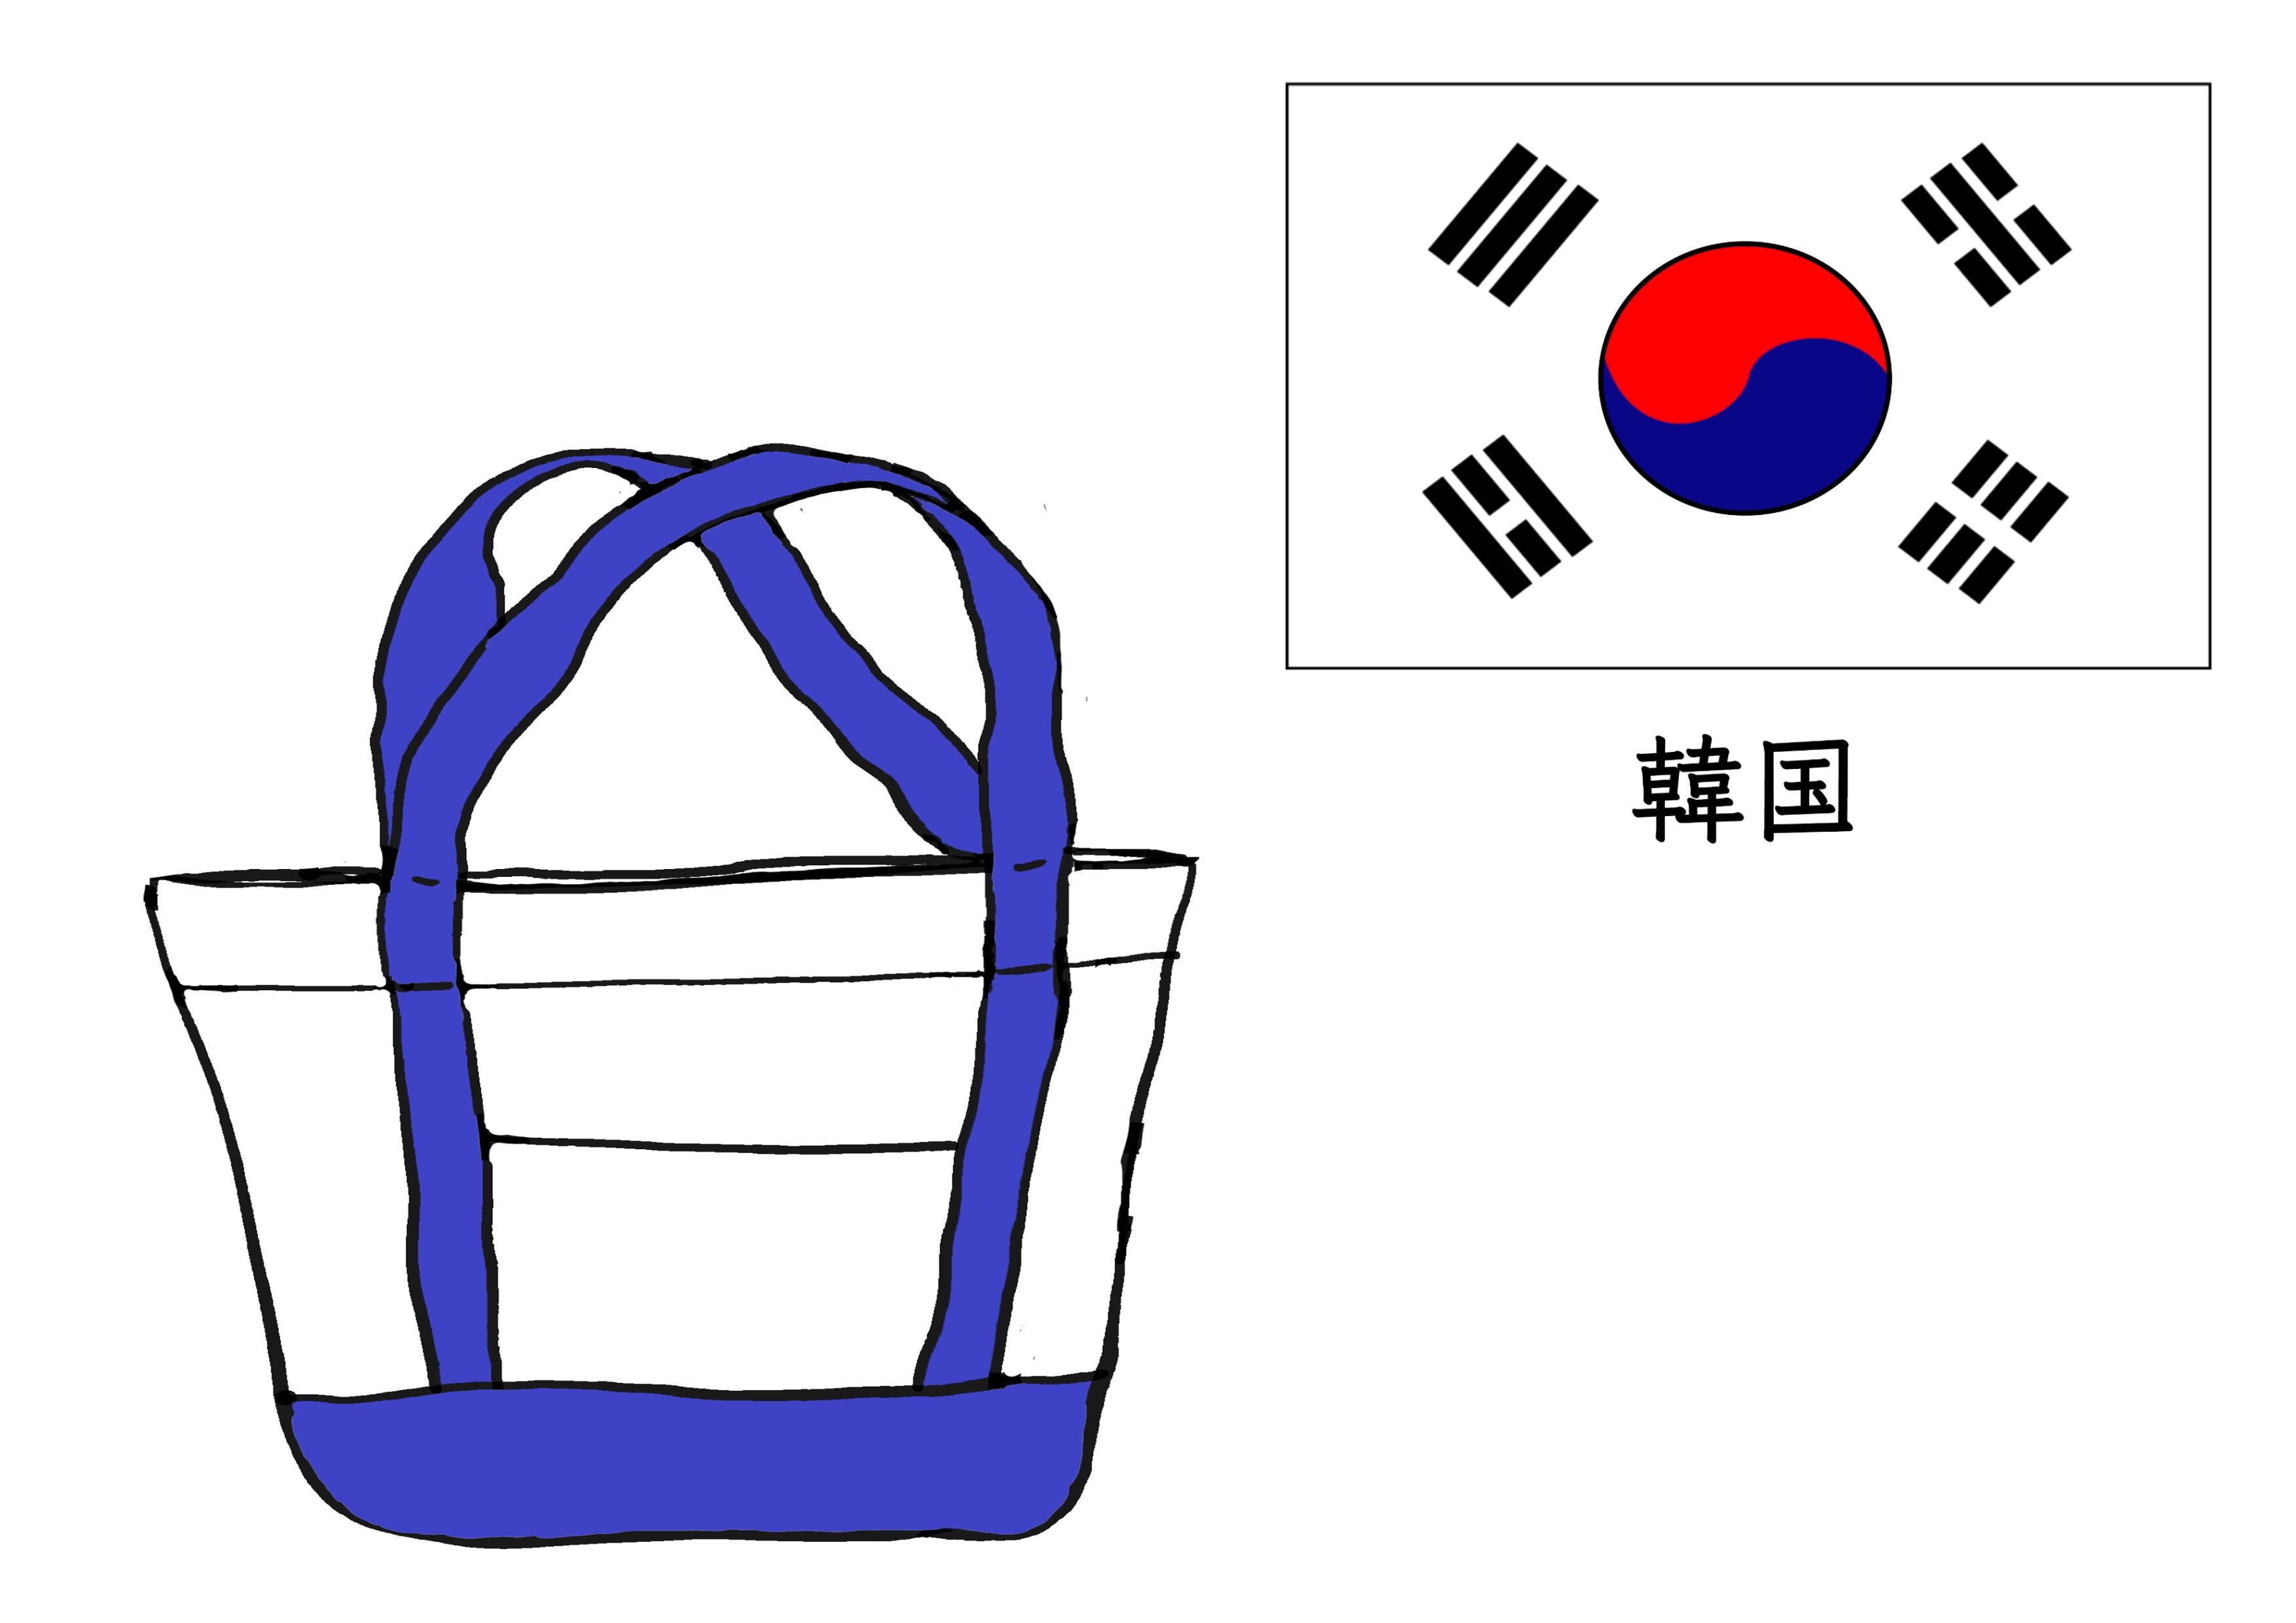 3課イラスト【韓国のかばん】